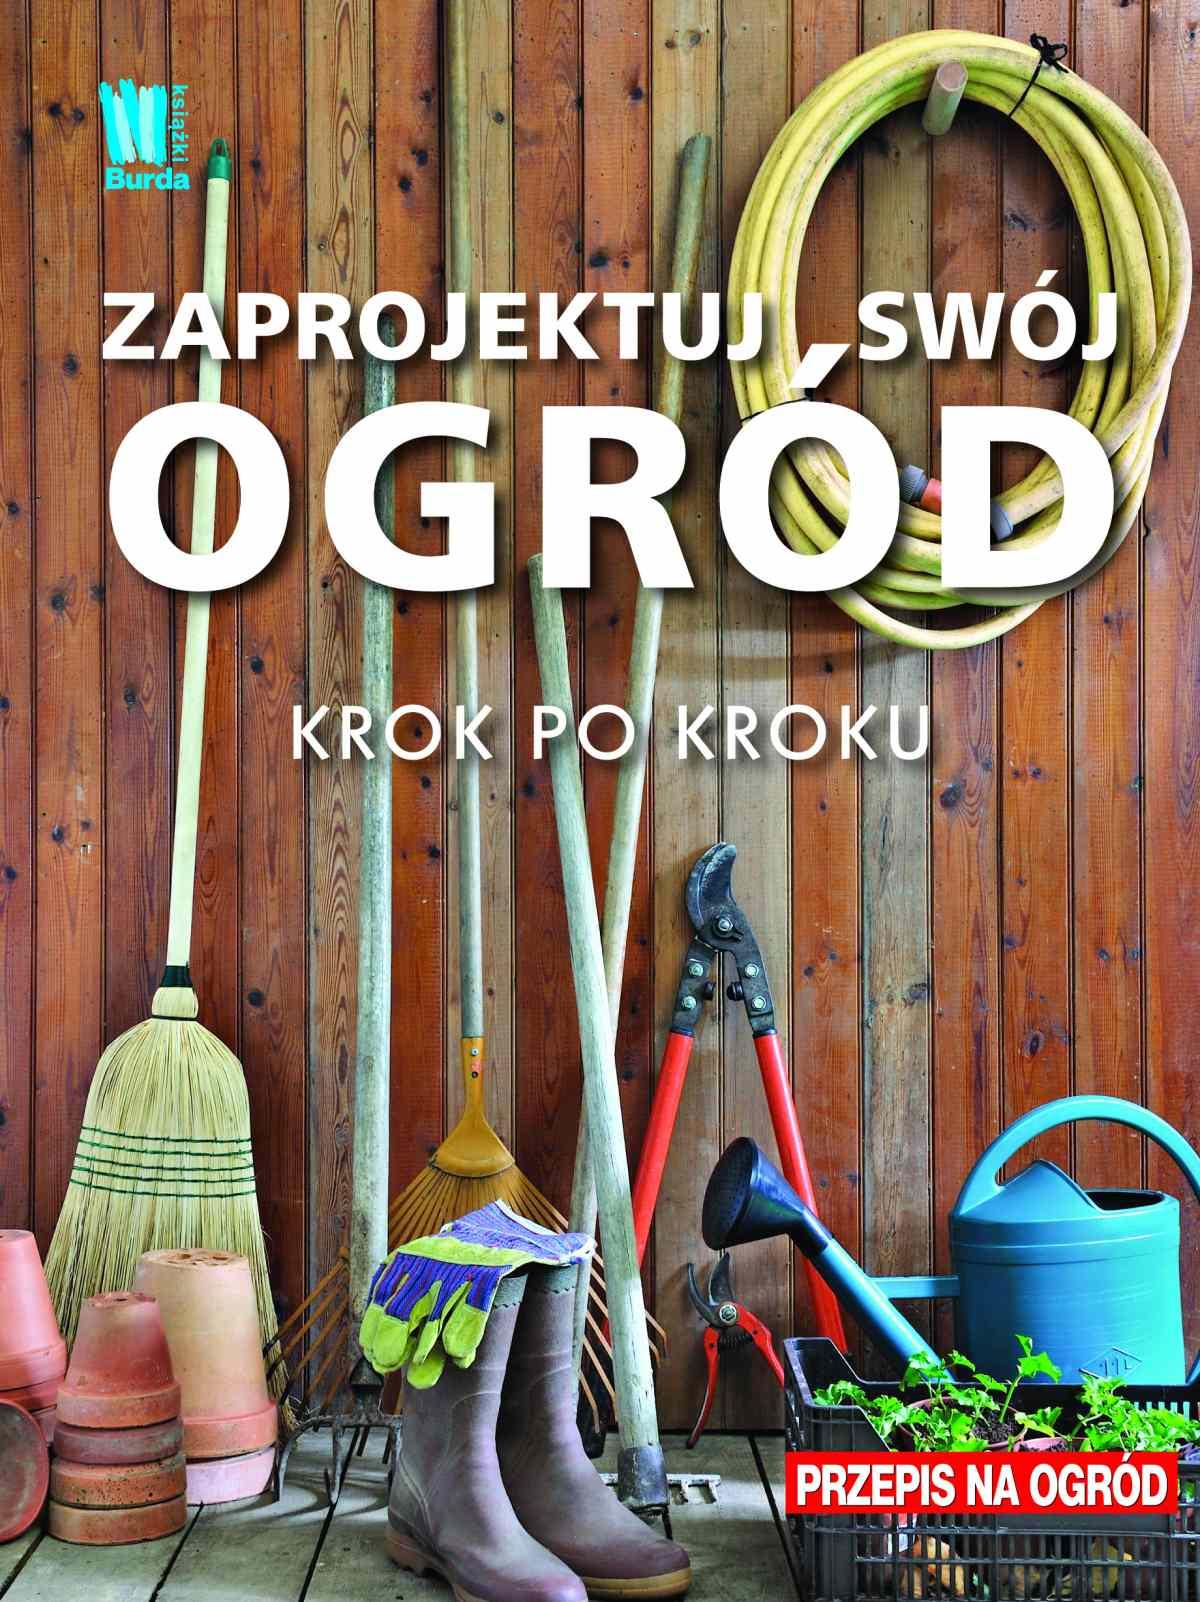 Zaprojektuj swój ogród. Krok po kroku - Ebook (Książka EPUB) do pobrania w formacie EPUB